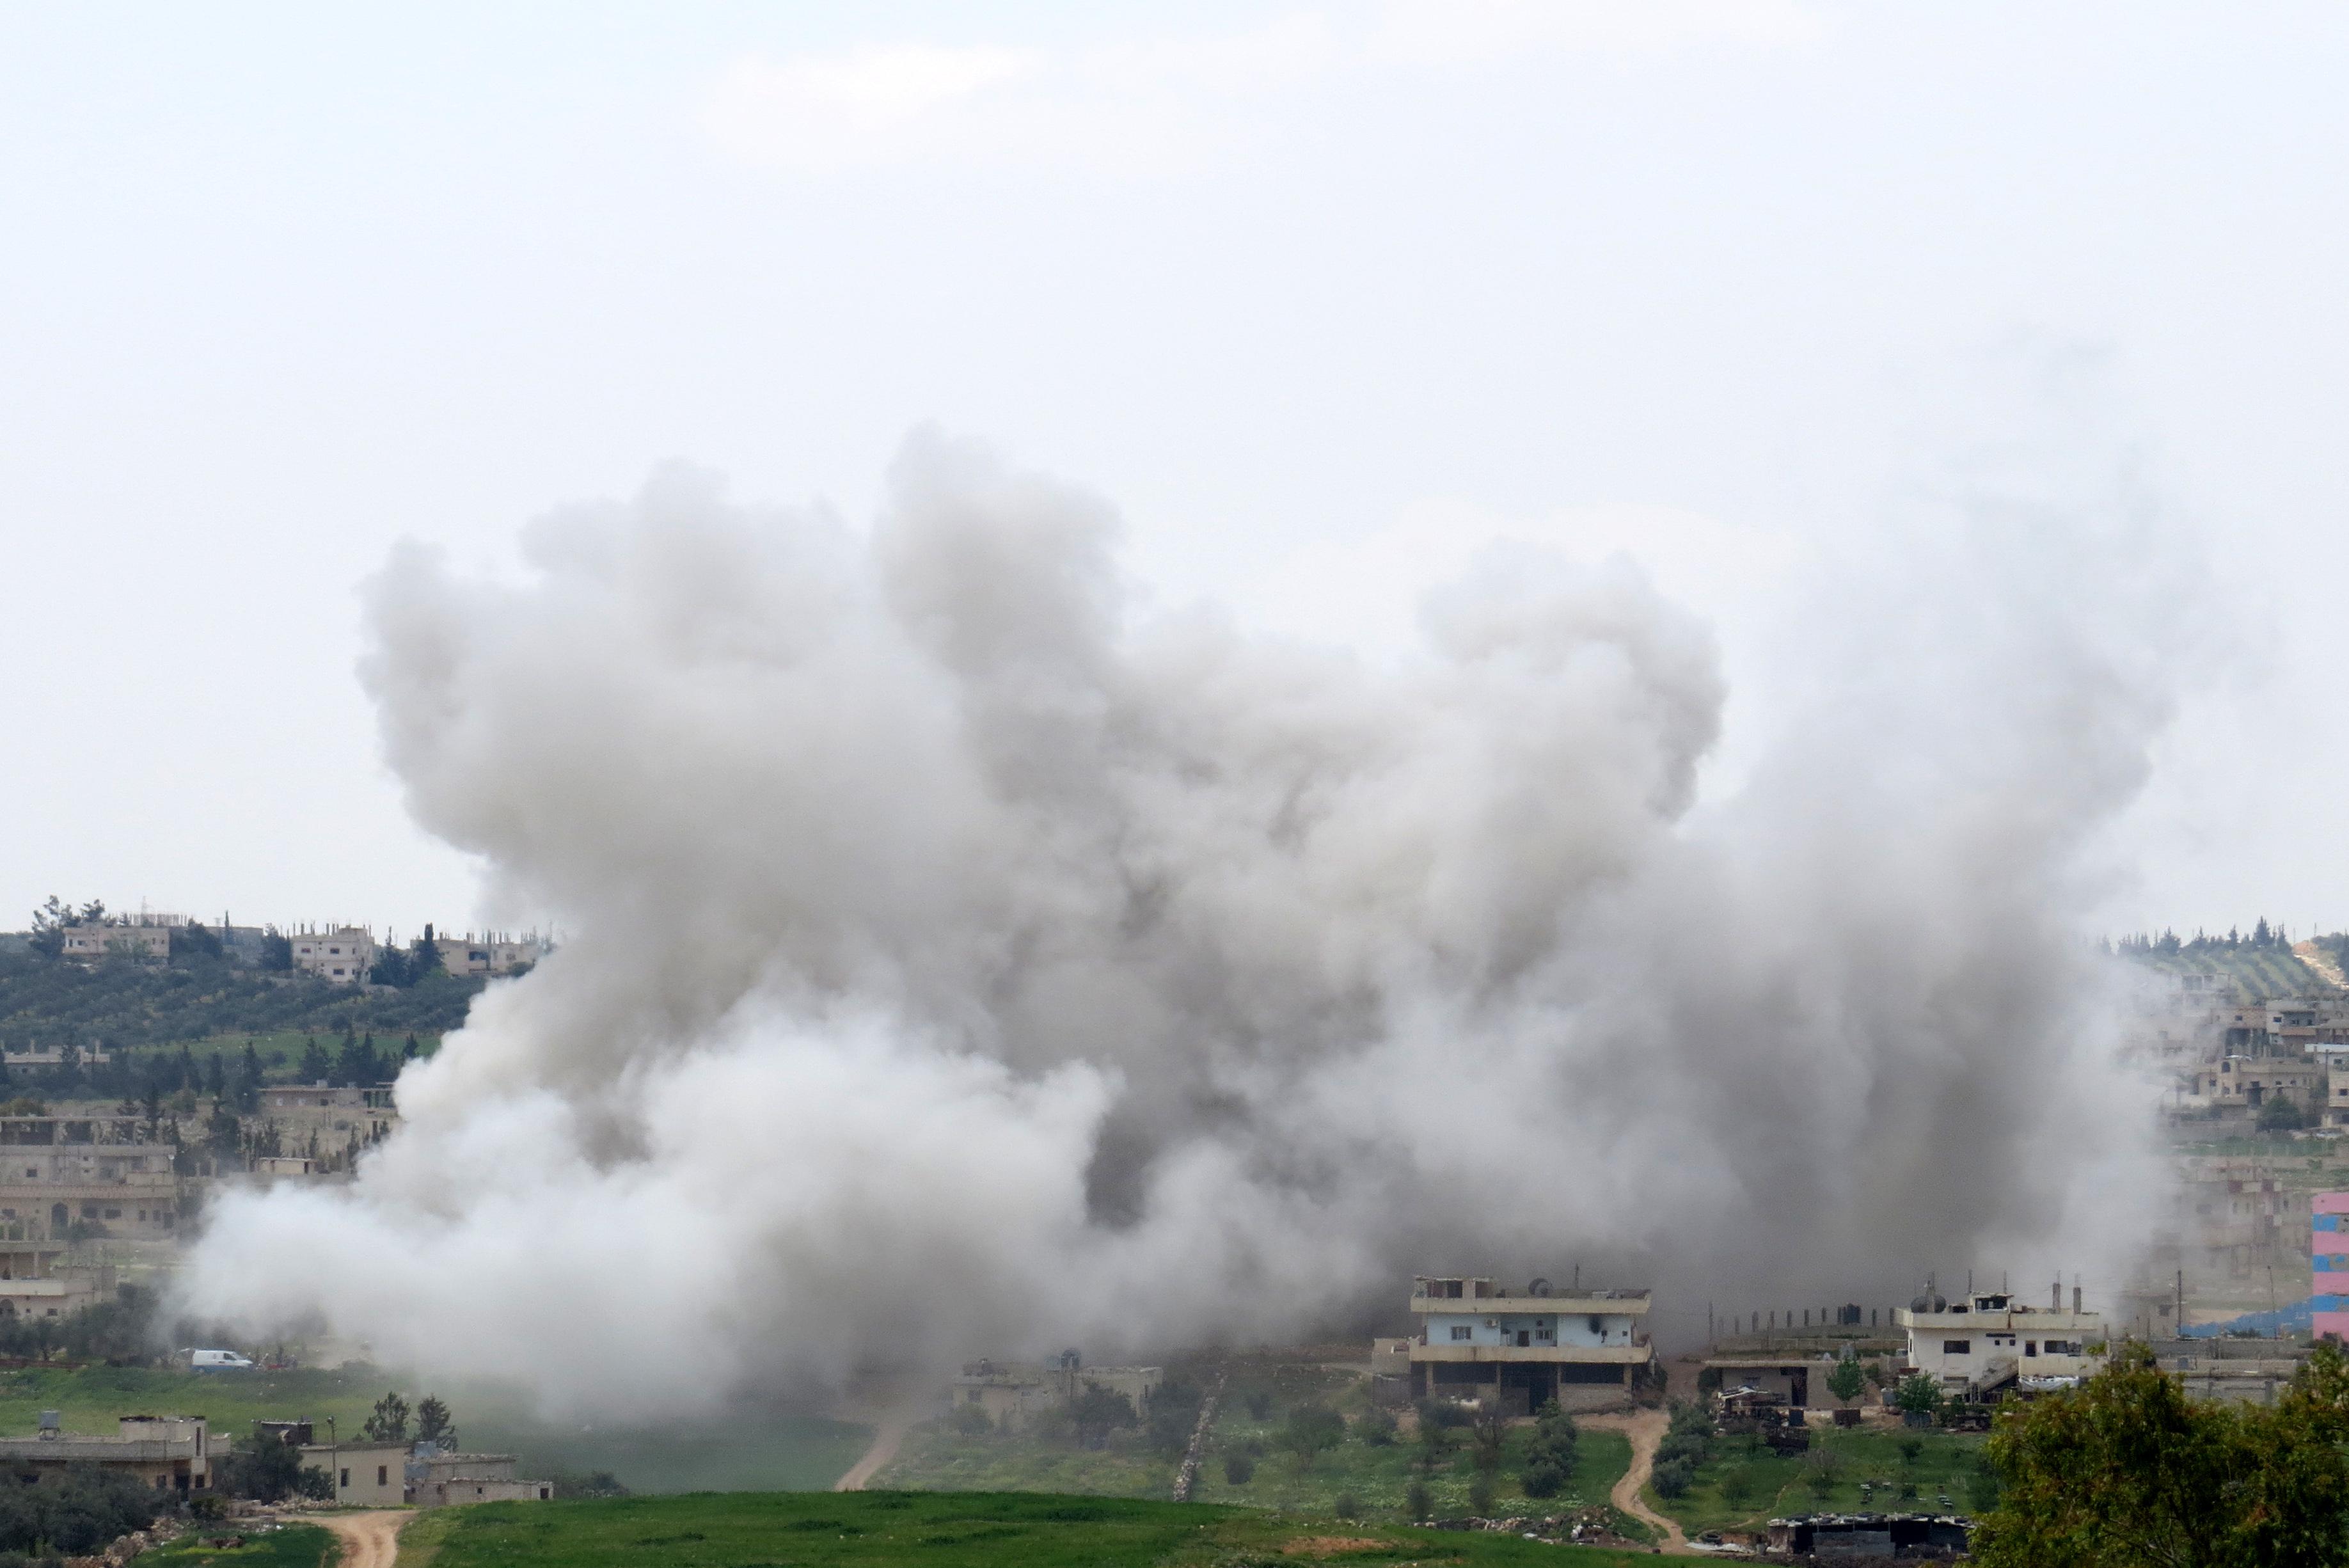 Suriye'de askeri muhalifler, ülkenin güneyindeki Dera ilinin merkezindeki ilerleyişlerini sürdürüyor. Dera il merkezi, kuzeyde Dera Mahata (yeni şehir) ile güneyde Dera Beled (eski şehir) olmak üzere iki kısımdan oluşuyor. Beşşar Esed rejimi güçleri, Dera Mahata'nın büyük bölümüne hakimken, Dera Beled'de sadece Menşiyye semtini elinde tutuyor. Dera il merkezinin yüzde 45'ine hakim olan askeri muhalifler, iki ay önce rejimin yoğun hava saldırılarına karşılık operasyon başlatmıştı. Rejime bağlı savaş uçaklarının Dera'ın Menşiyye semtini bombalamasının ardından bölgeden dumanlar yükseldi. ( Ammar Al Ali  - Anadolu Ajansı )